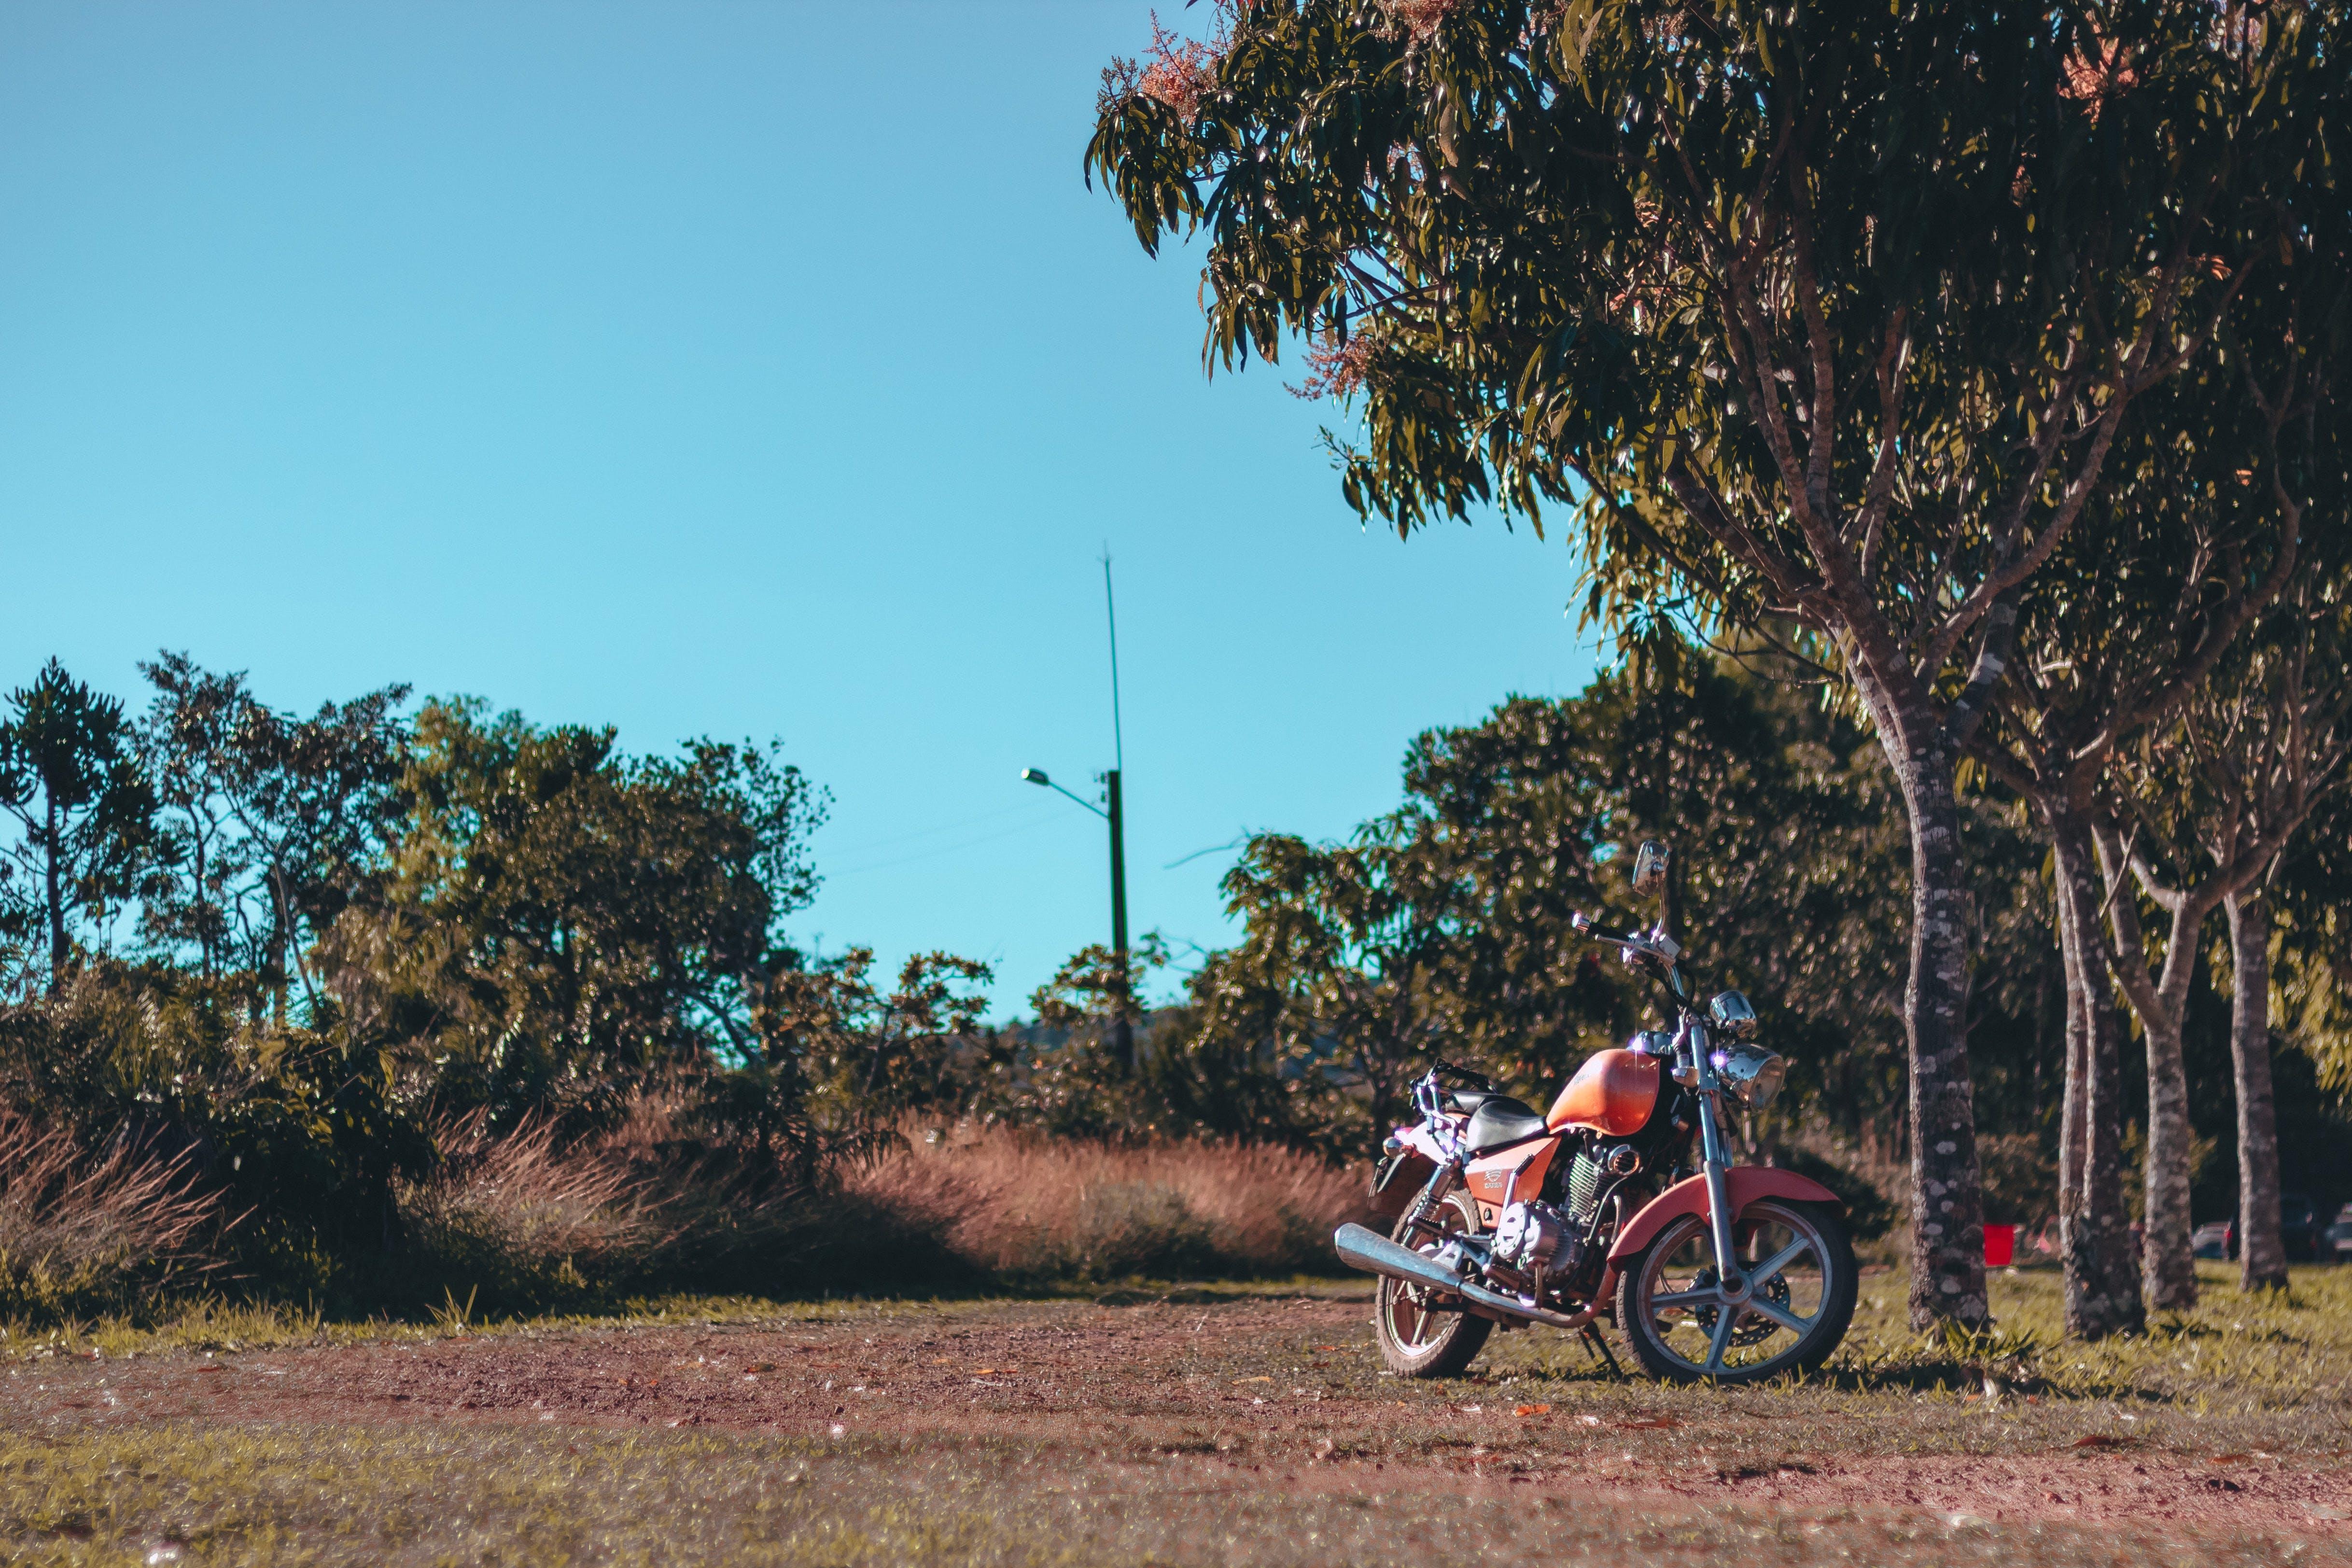 Δωρεάν στοκ φωτογραφιών με γρασίδι, δέντρα, δράση, δρόμος